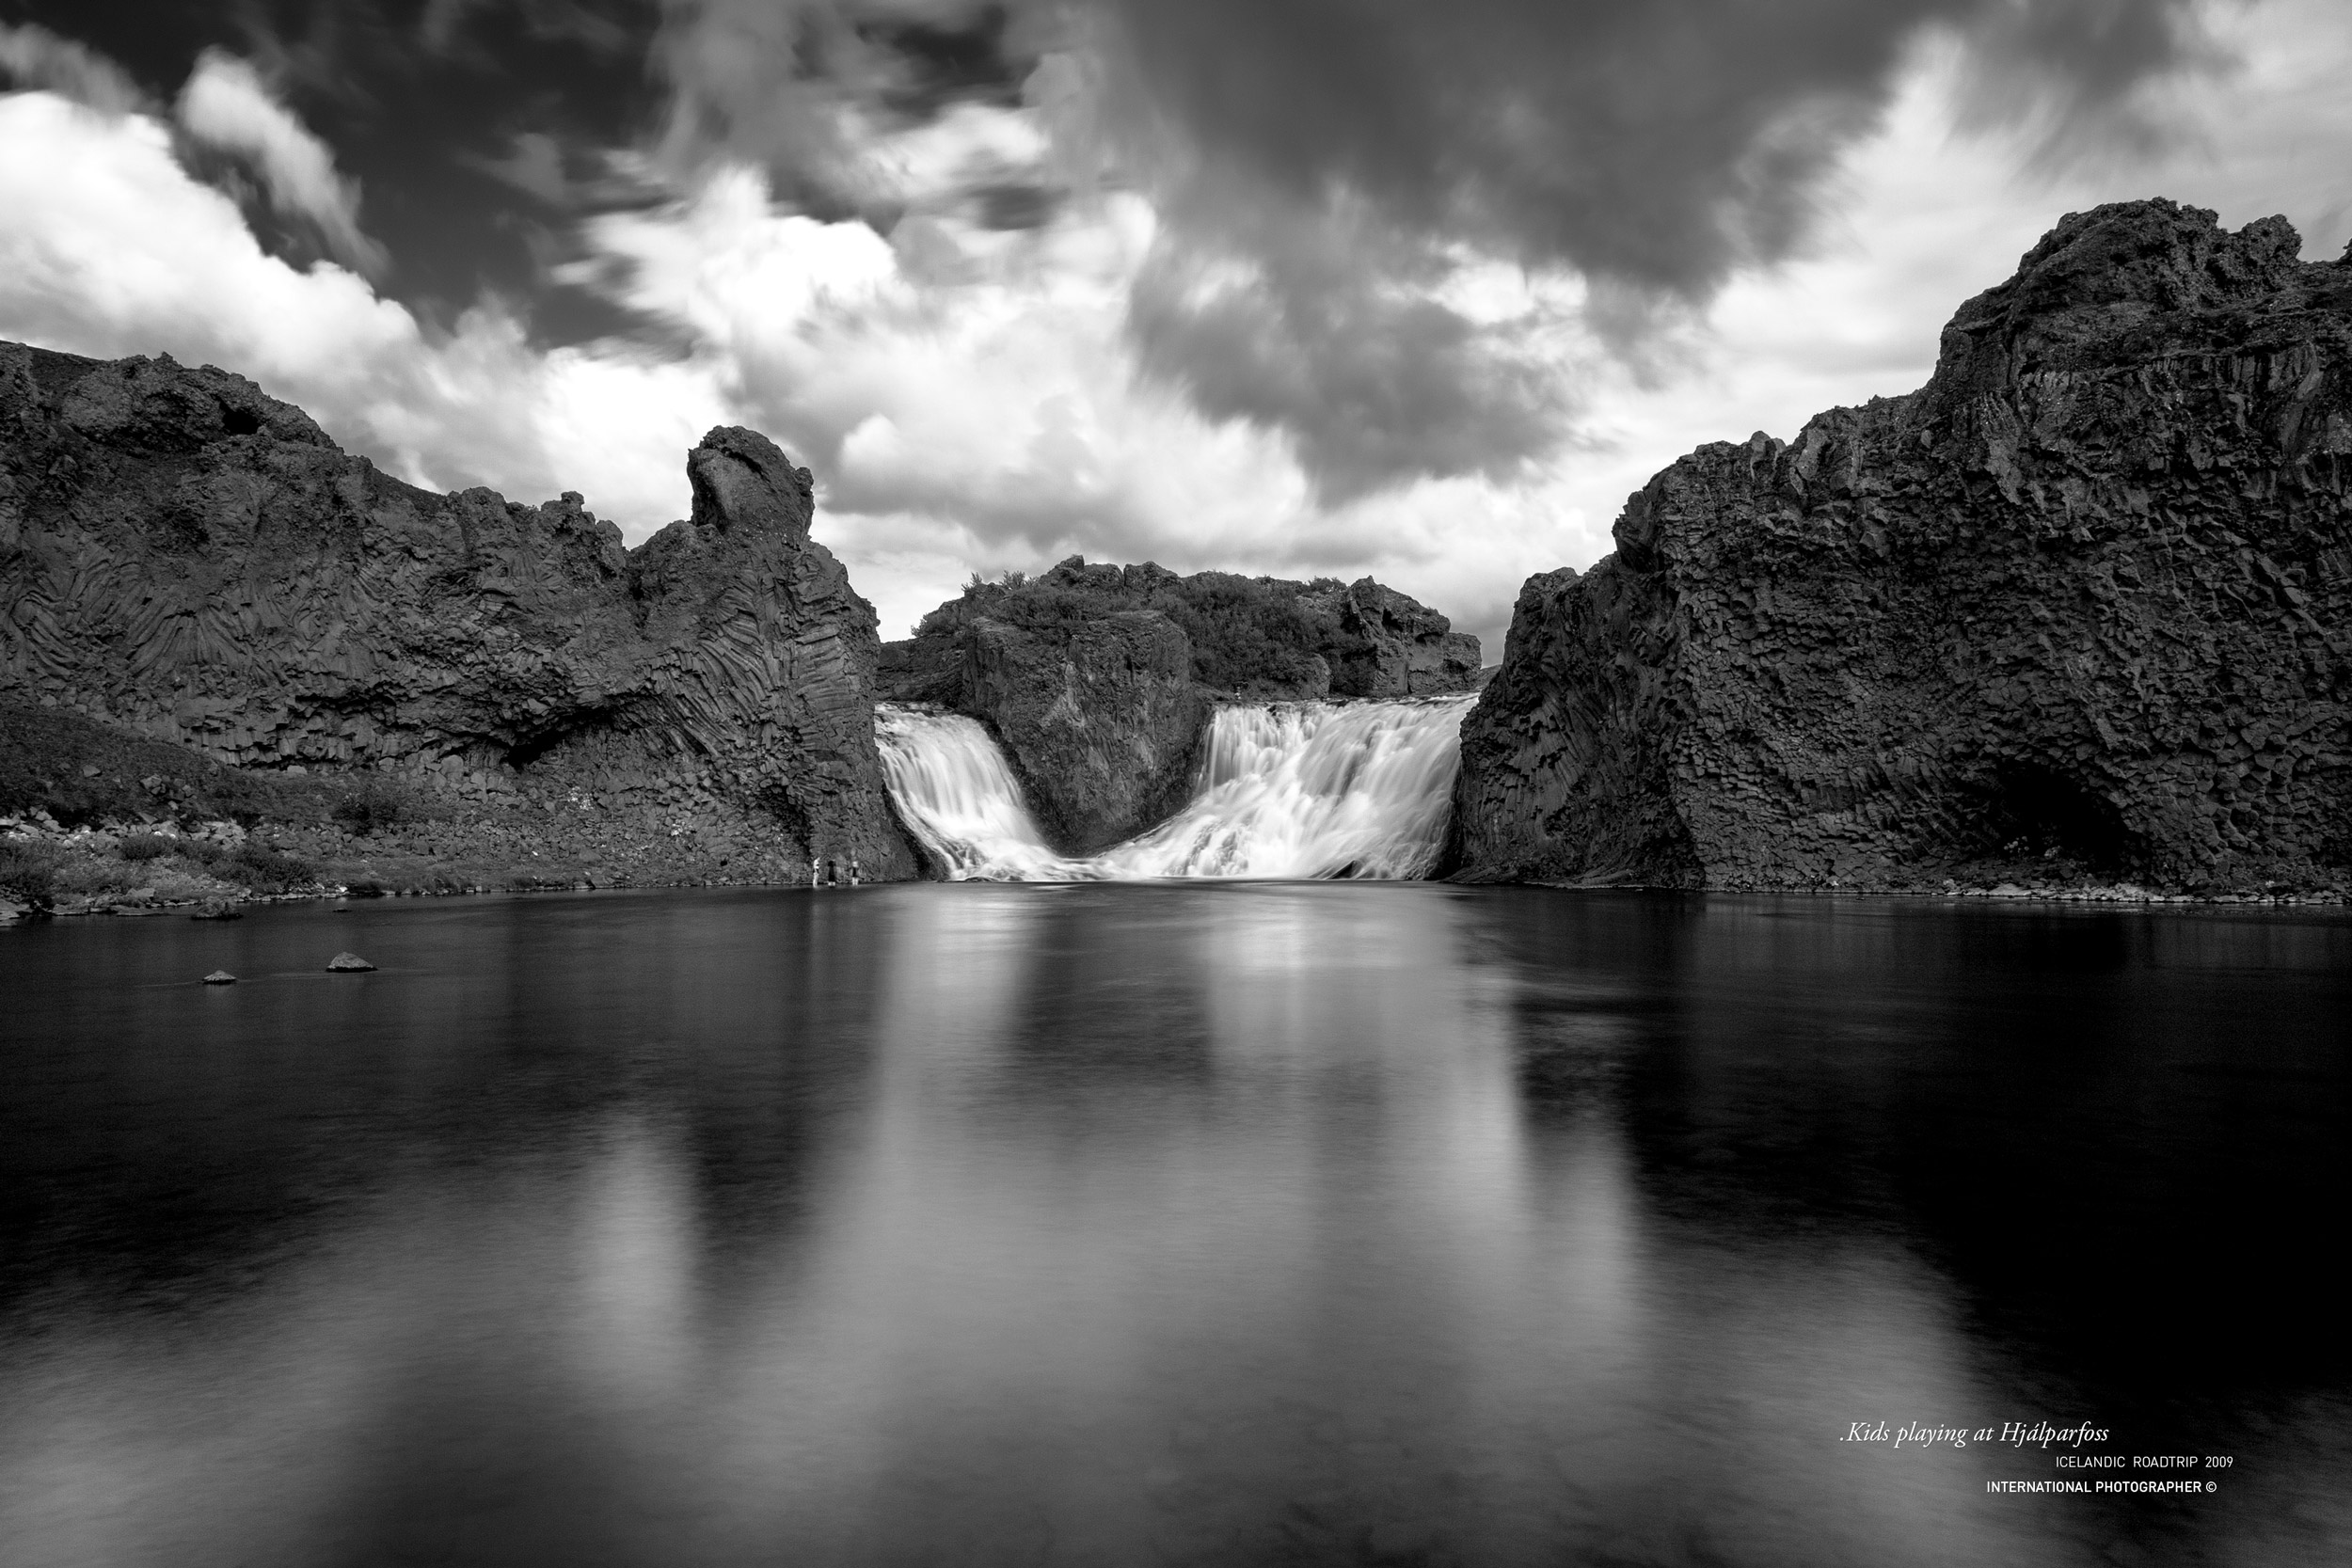 La chute Hjalparfoss en noir et blanc